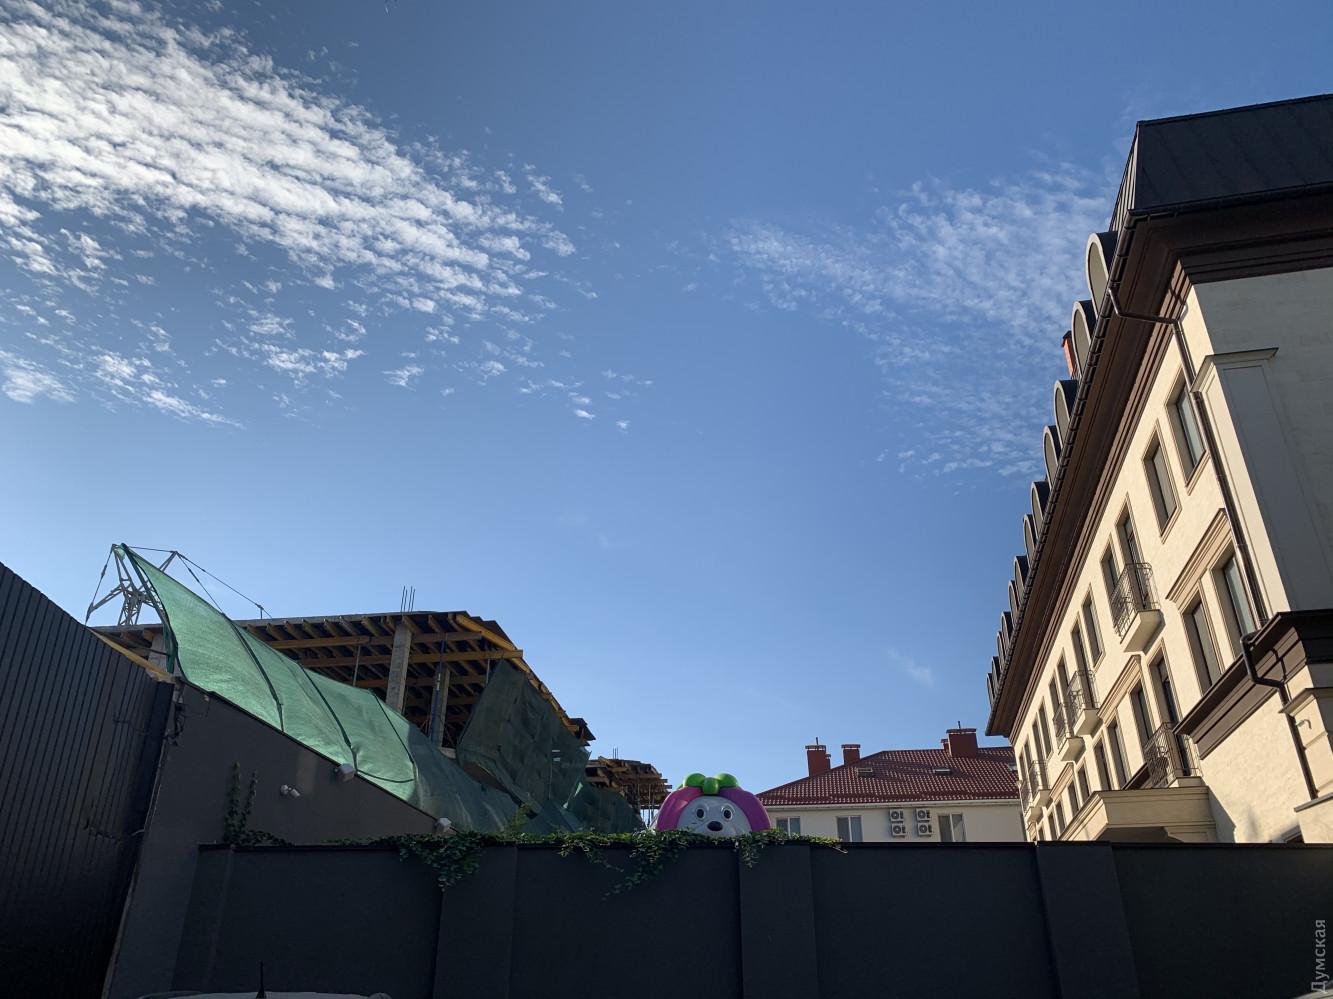 Скандальный застройщик получил разрешение на строительство особняка на Даче Ковалевского